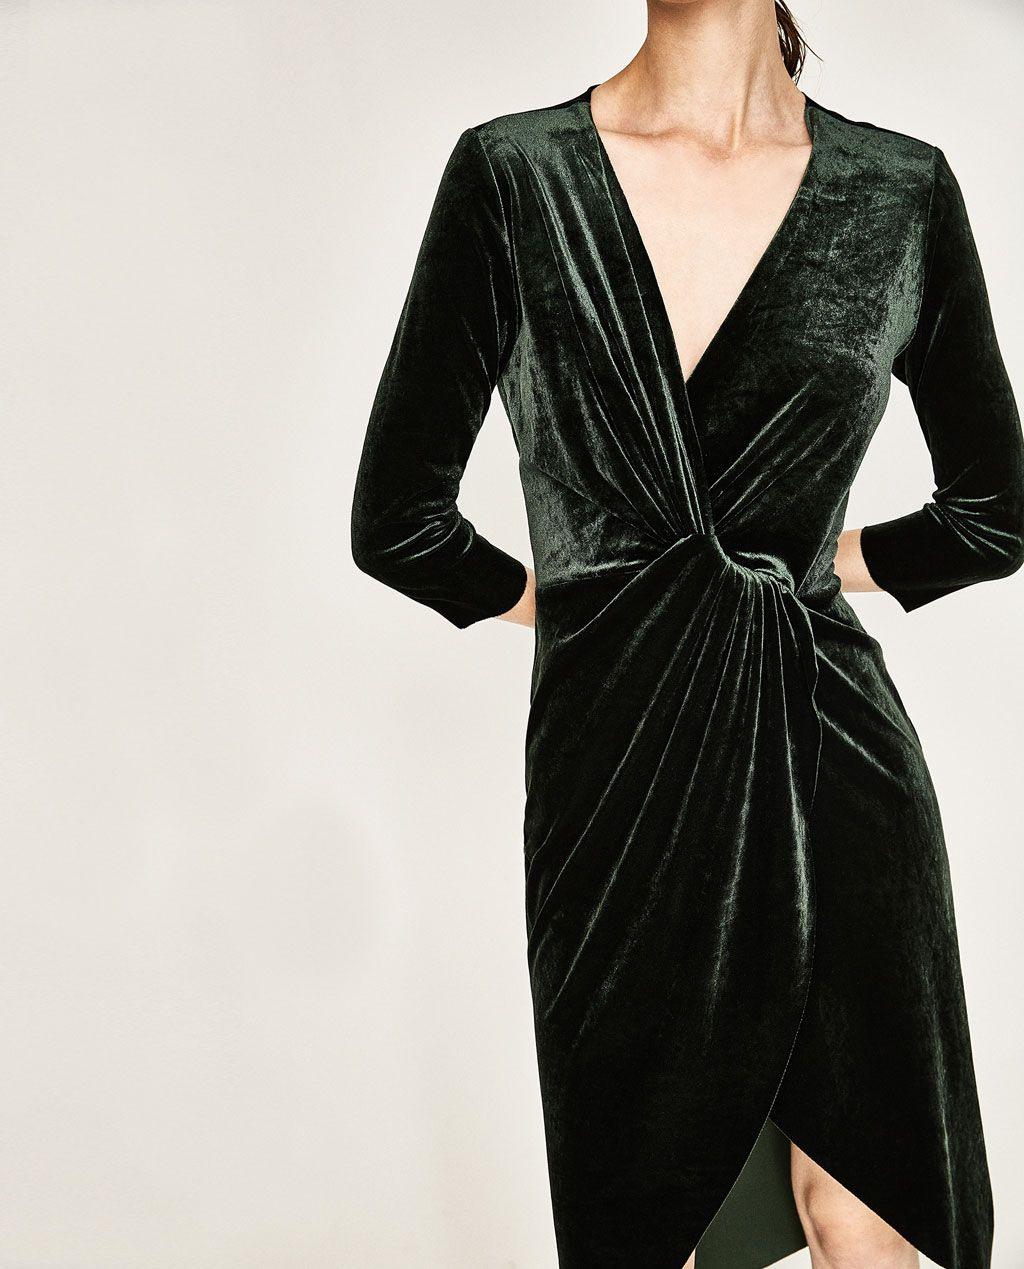 20 Fantastisch Zara Abend Kleider GalerieAbend Genial Zara Abend Kleider Vertrieb